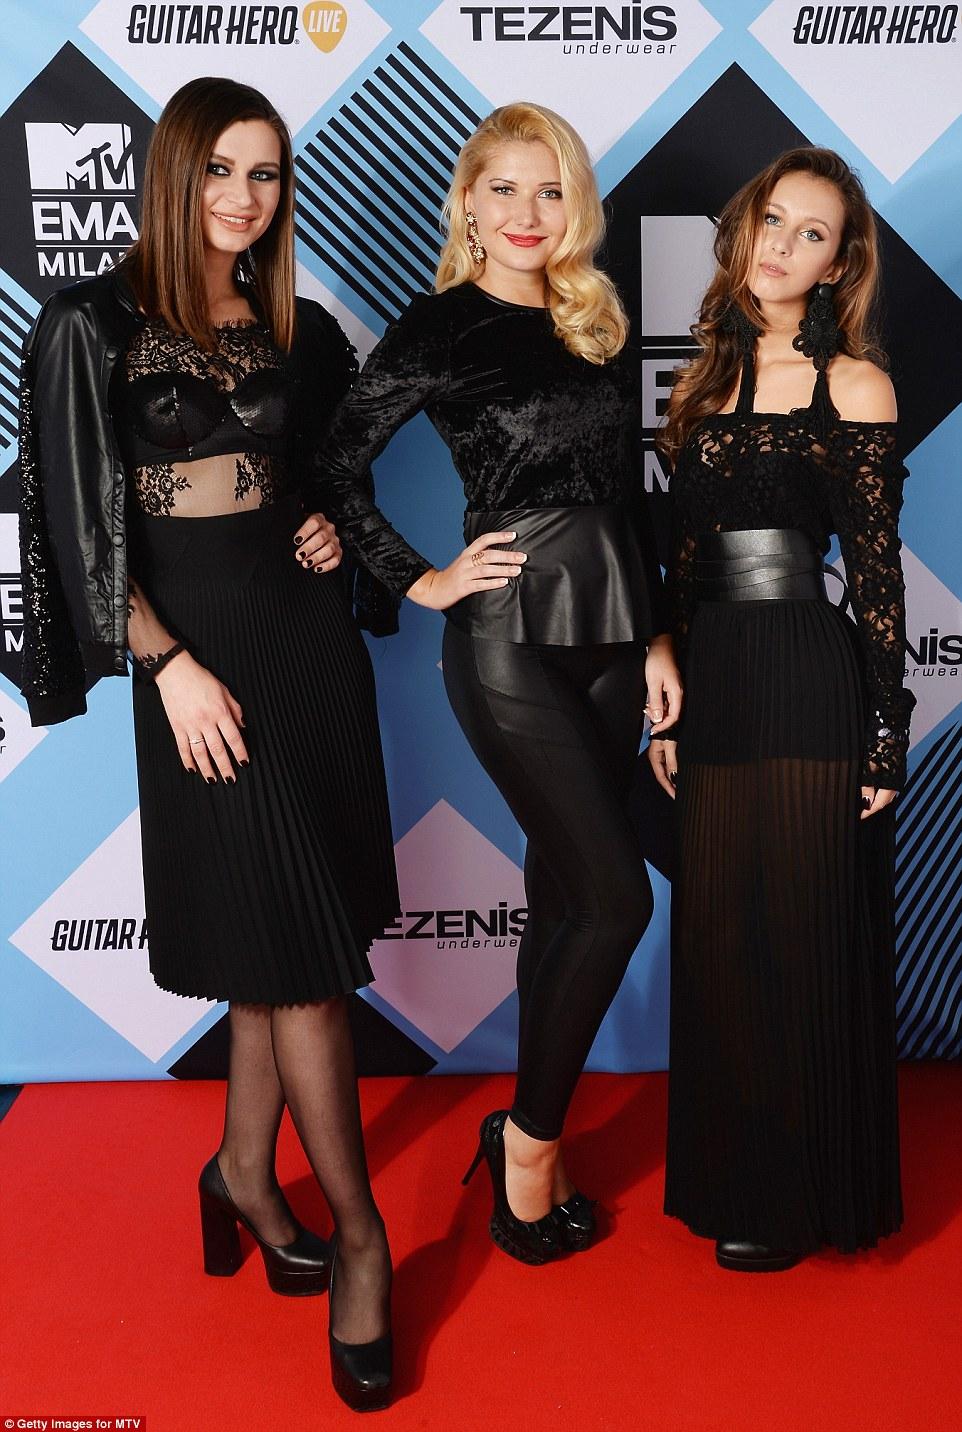 Sorte para alguns: emazing Tezenis olhar Vencedores do Concurso (LR) Anna Tchakeva, Suana Djulic e Daria Bykhovskaia posar para uma foto